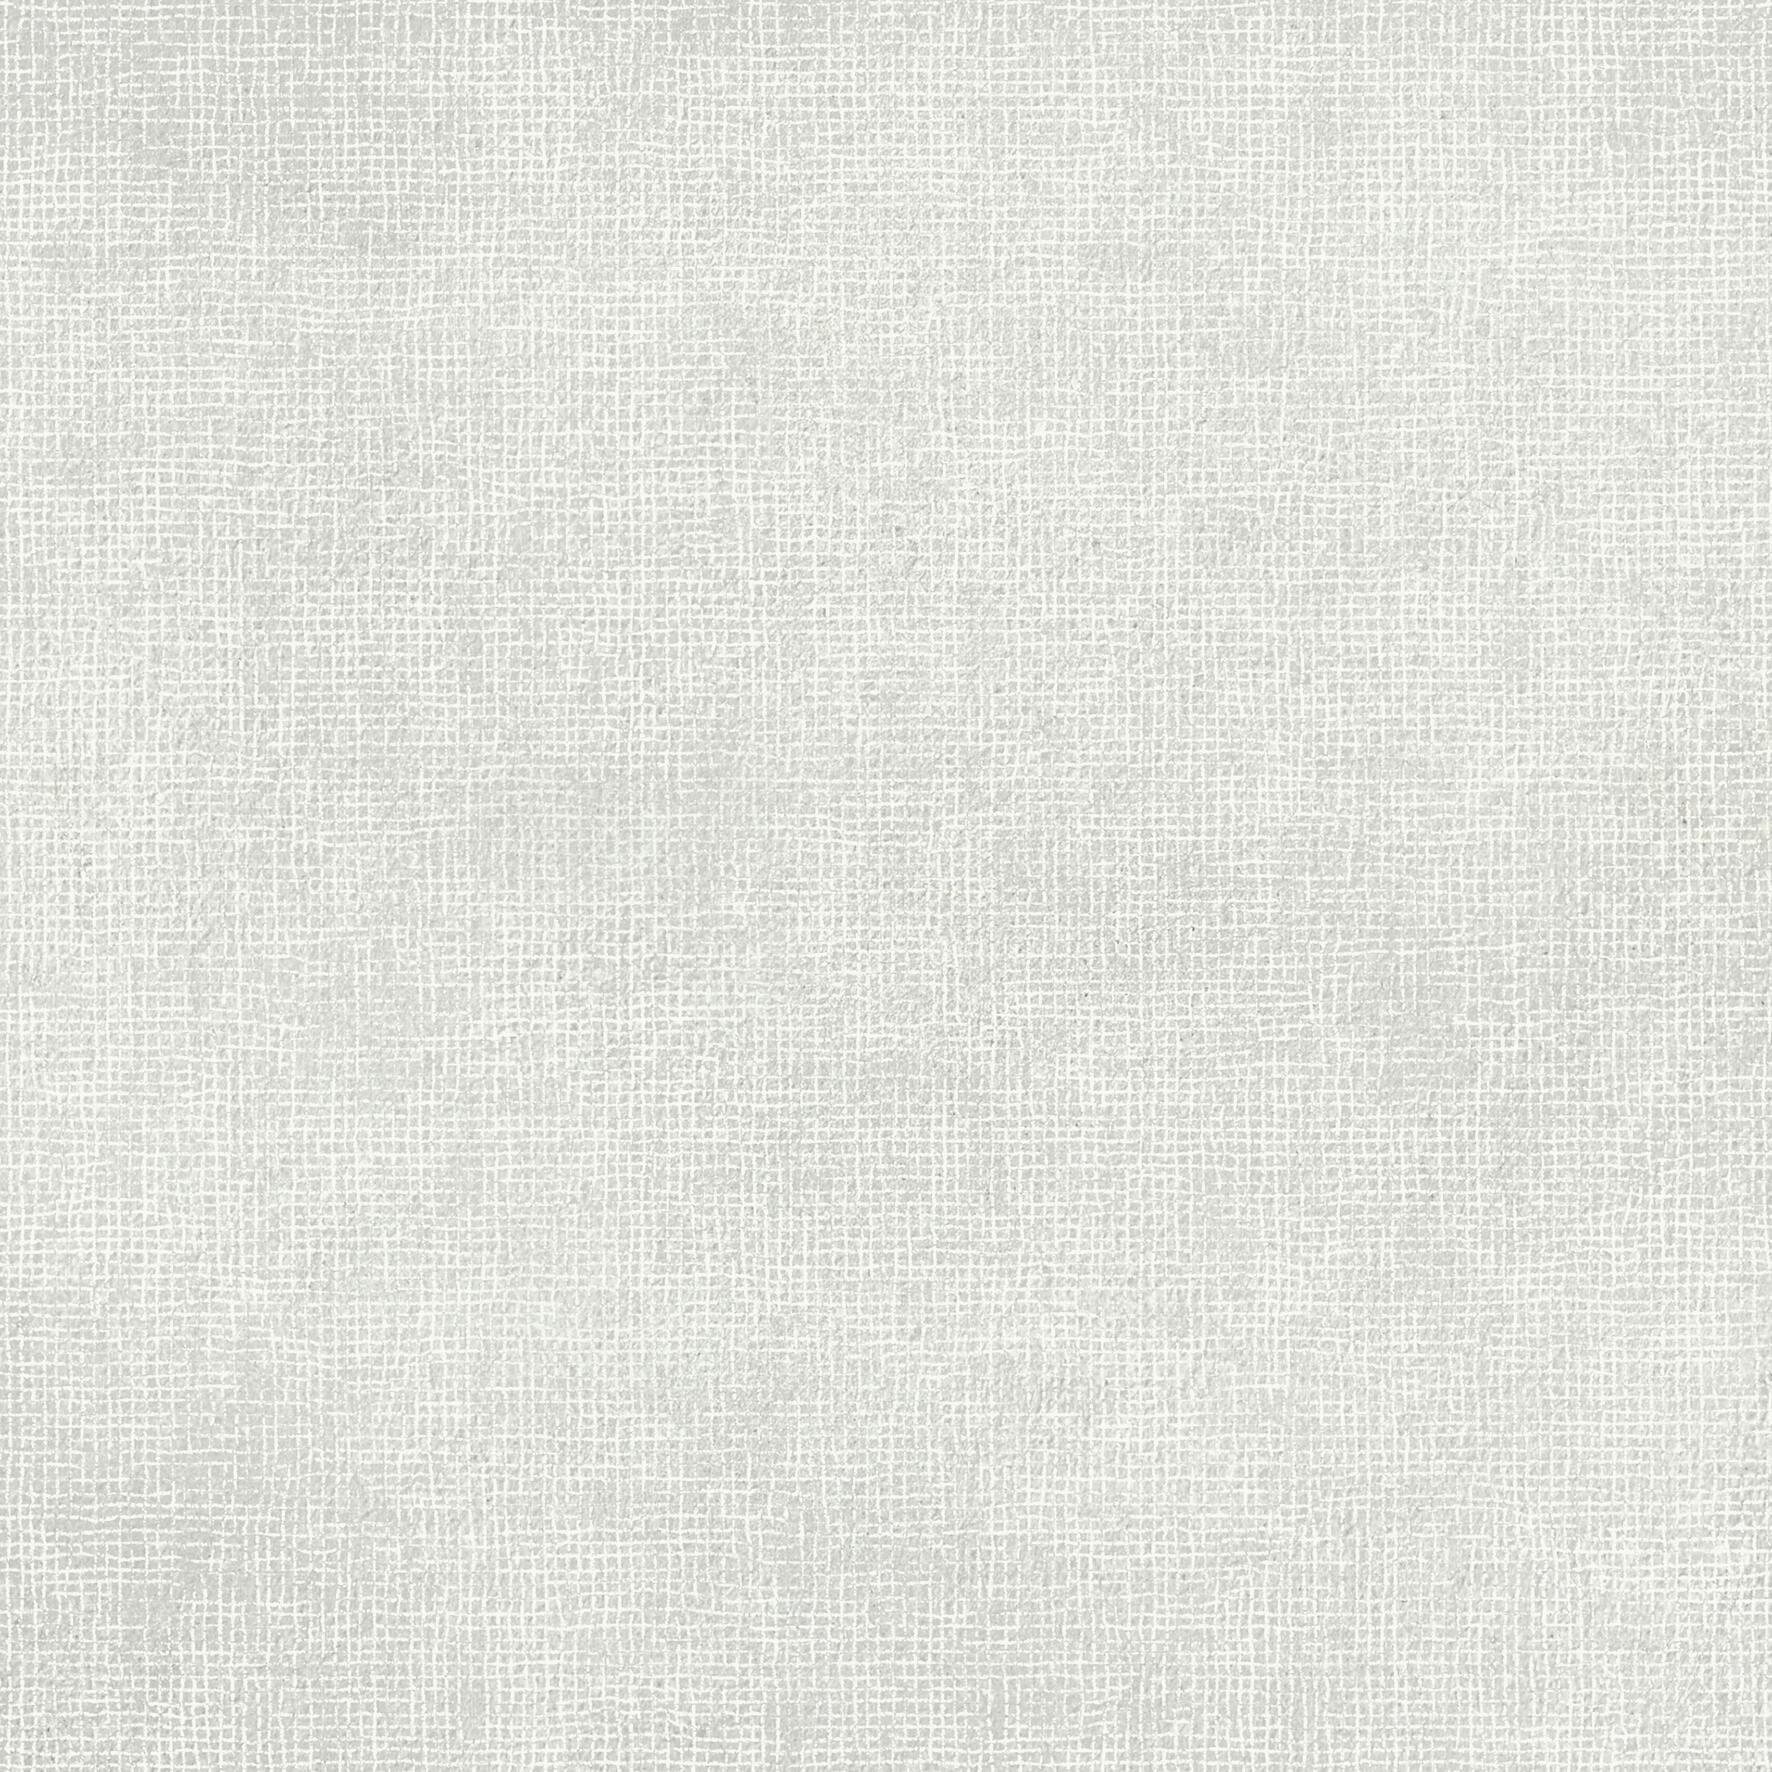 Piastrella Trame 20 x 20 cm sp. 7.2 mm PEI 4/5 bianco - 2